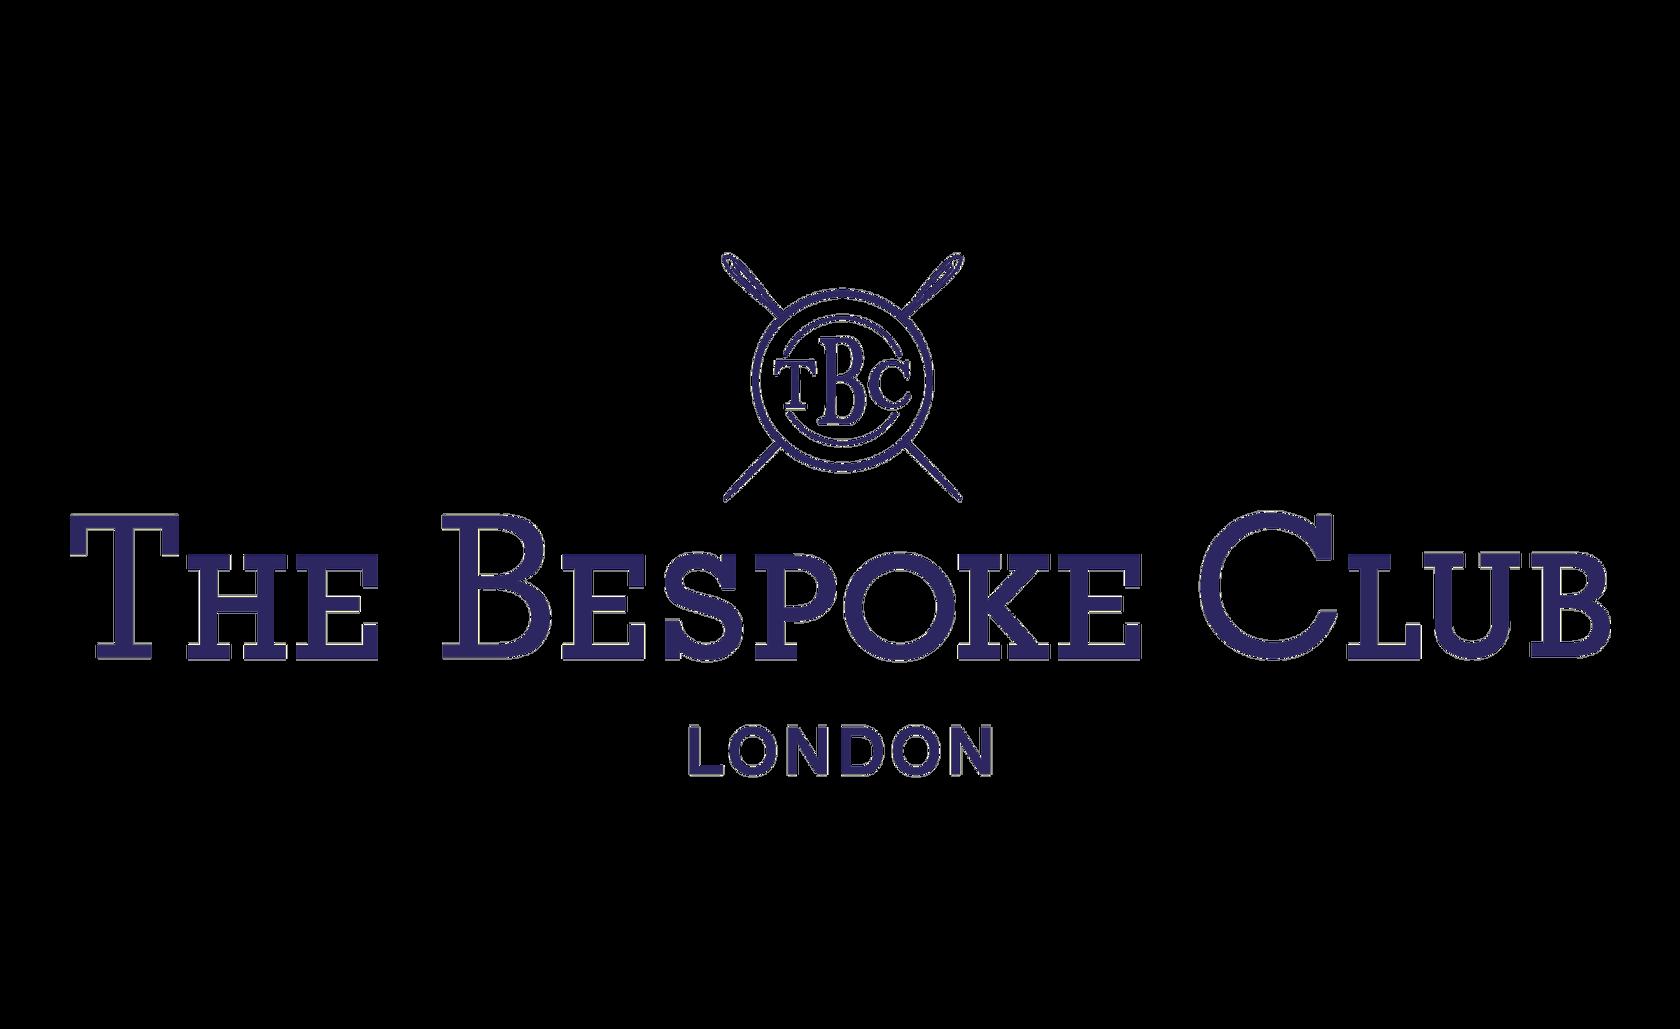 The Bespoke Club